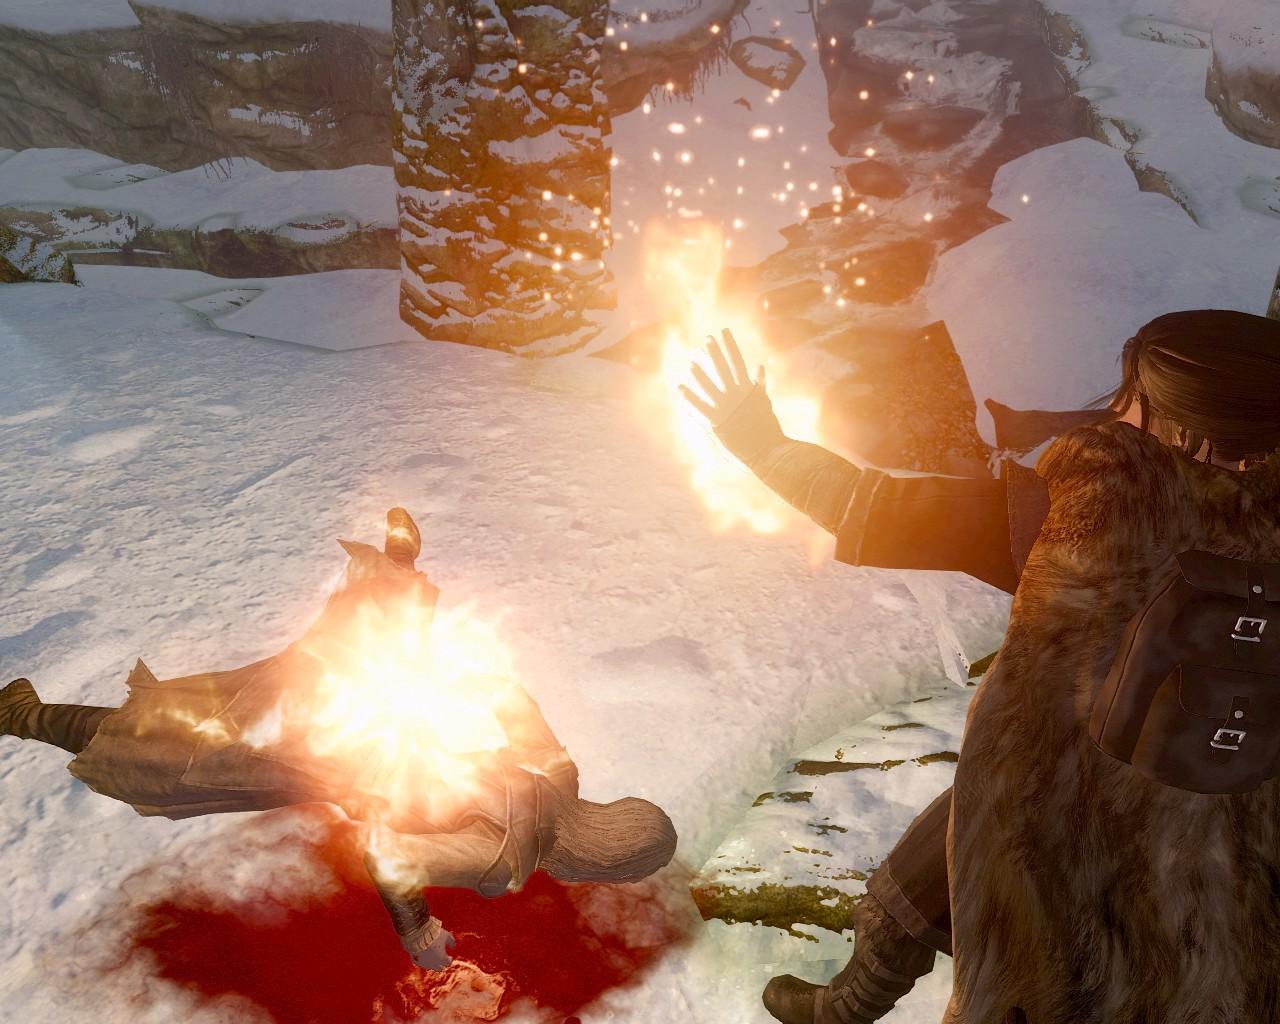 04火葬の魔法